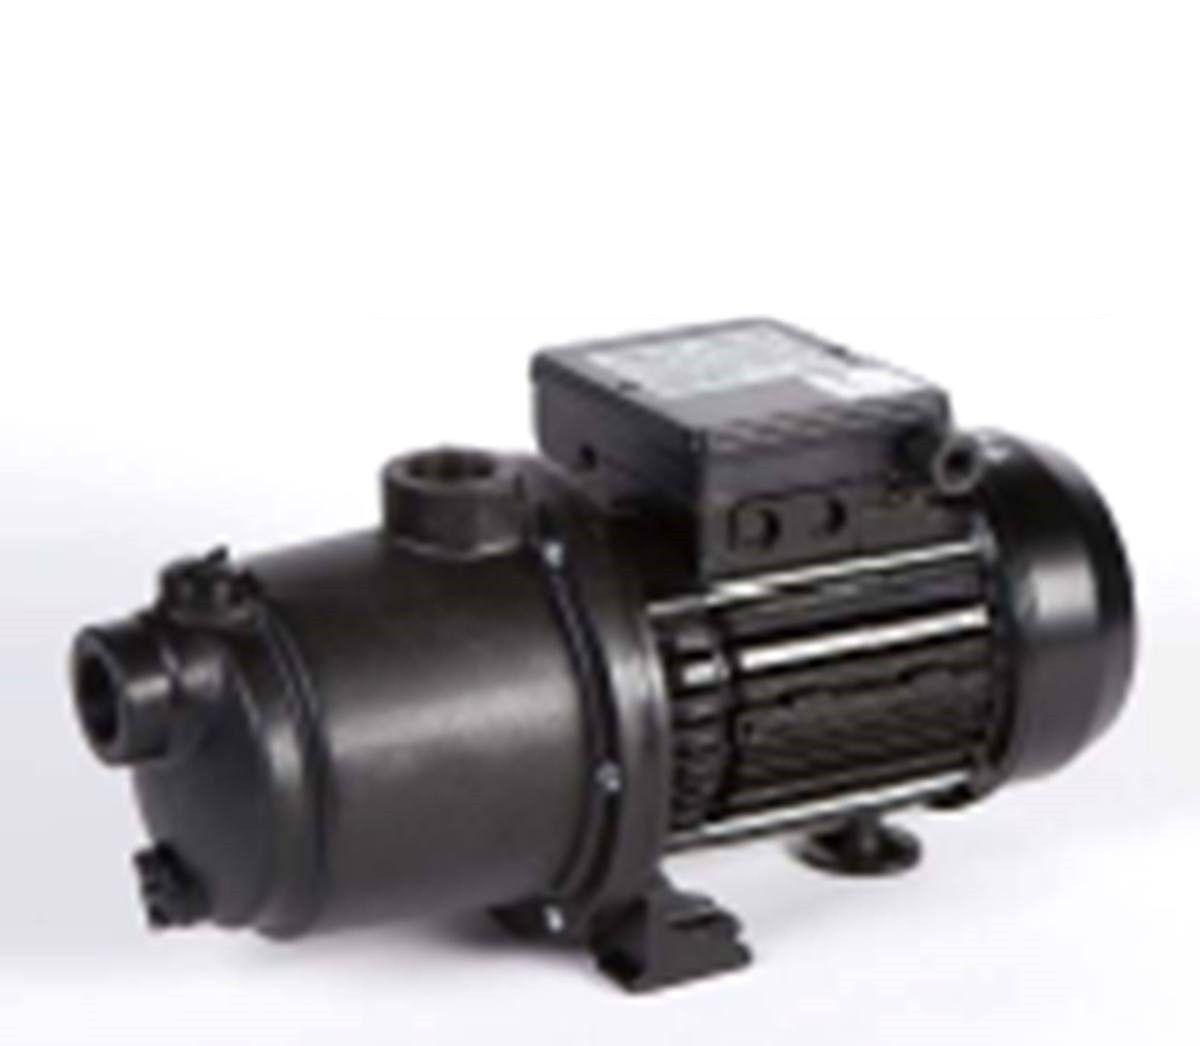 Nettoyeur Automatique Surpresseur Boostrite 1 5 Cv 4 Turbines Surpresseur Pompe Nettoyeur